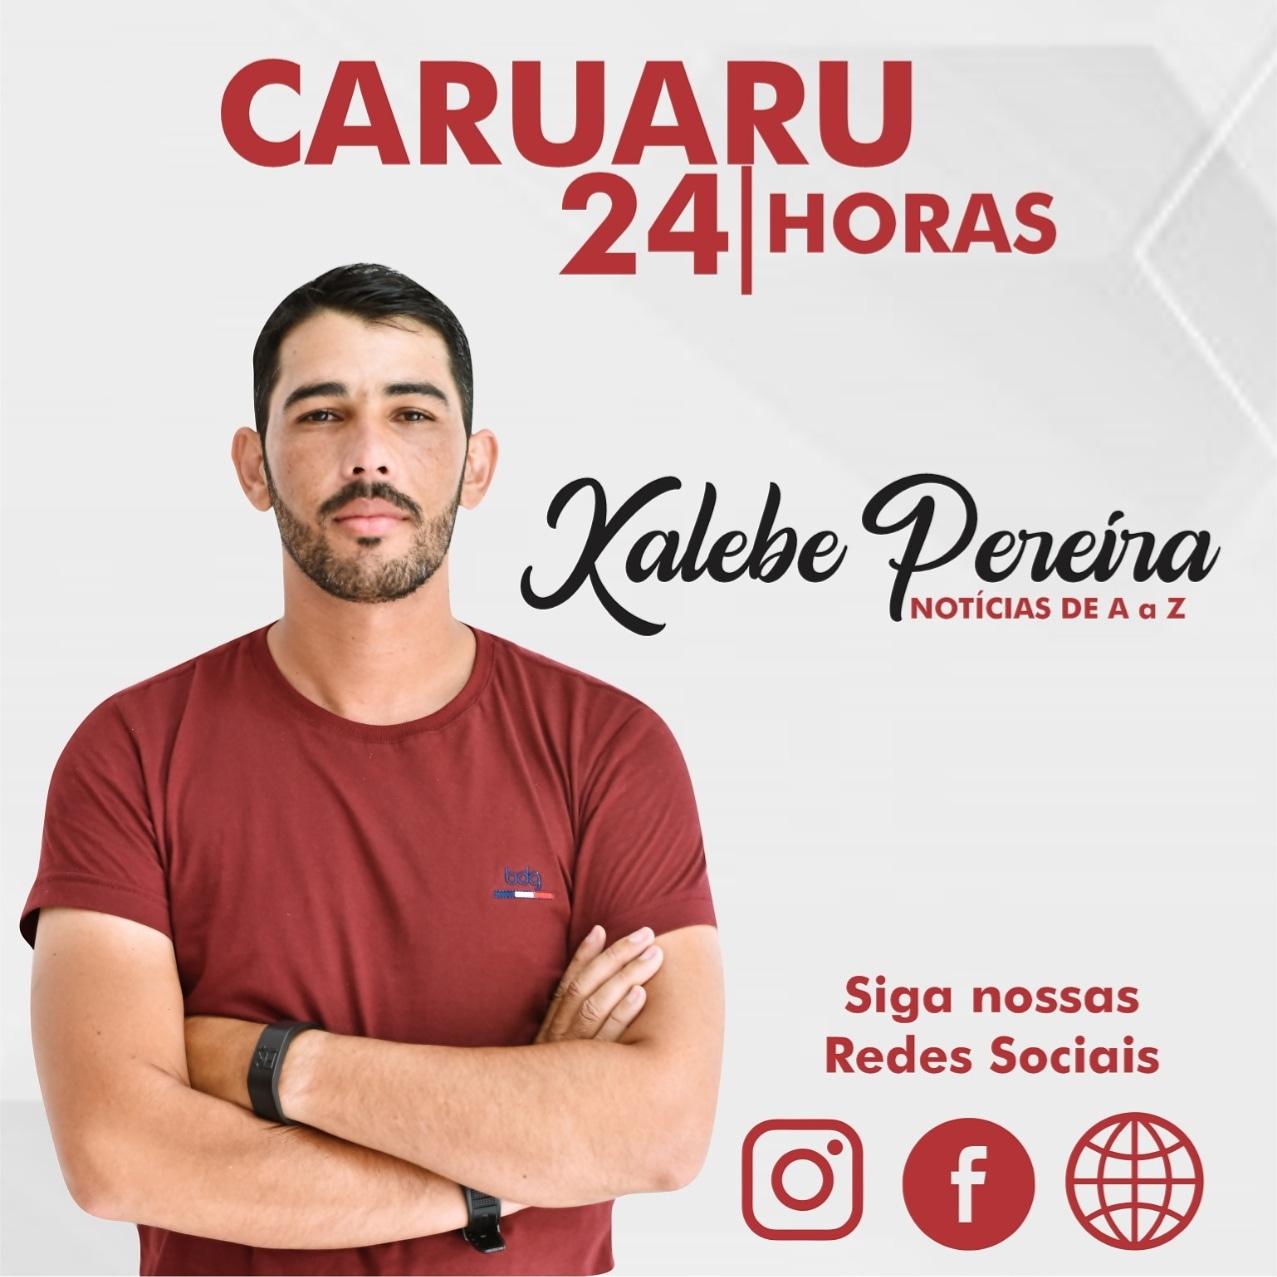 PARCEIRO/CARUARU